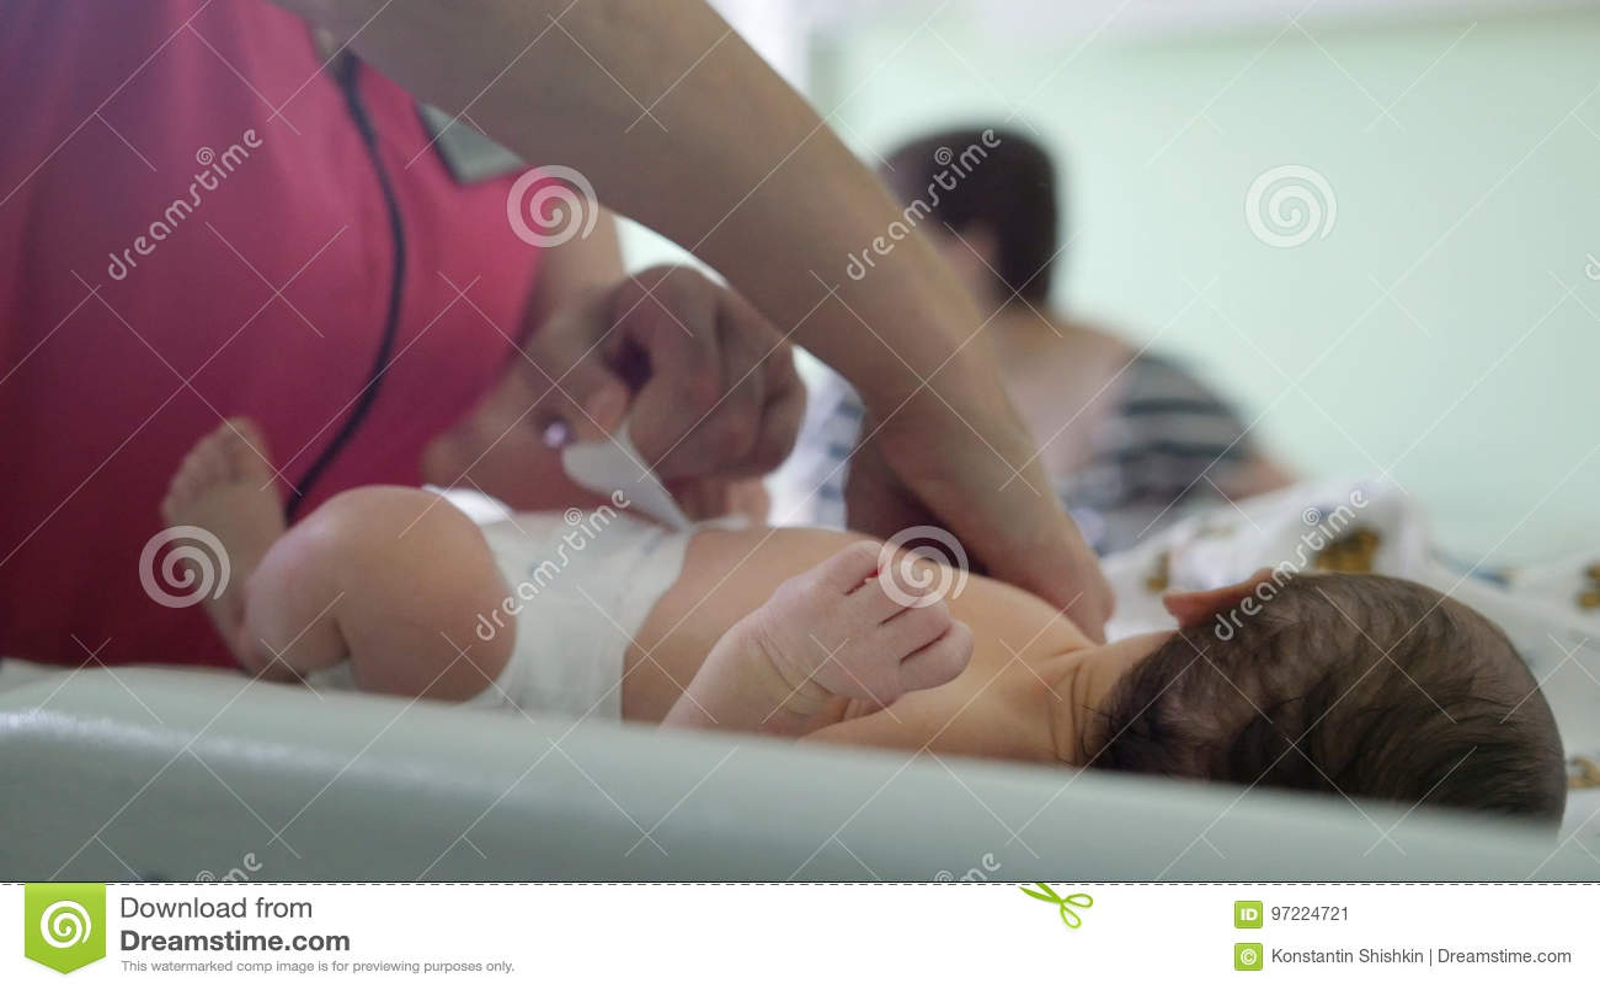 Pasgeboren baby in het moederschapsziekenhuis - de verpleegster wikkelt de zuigeling in